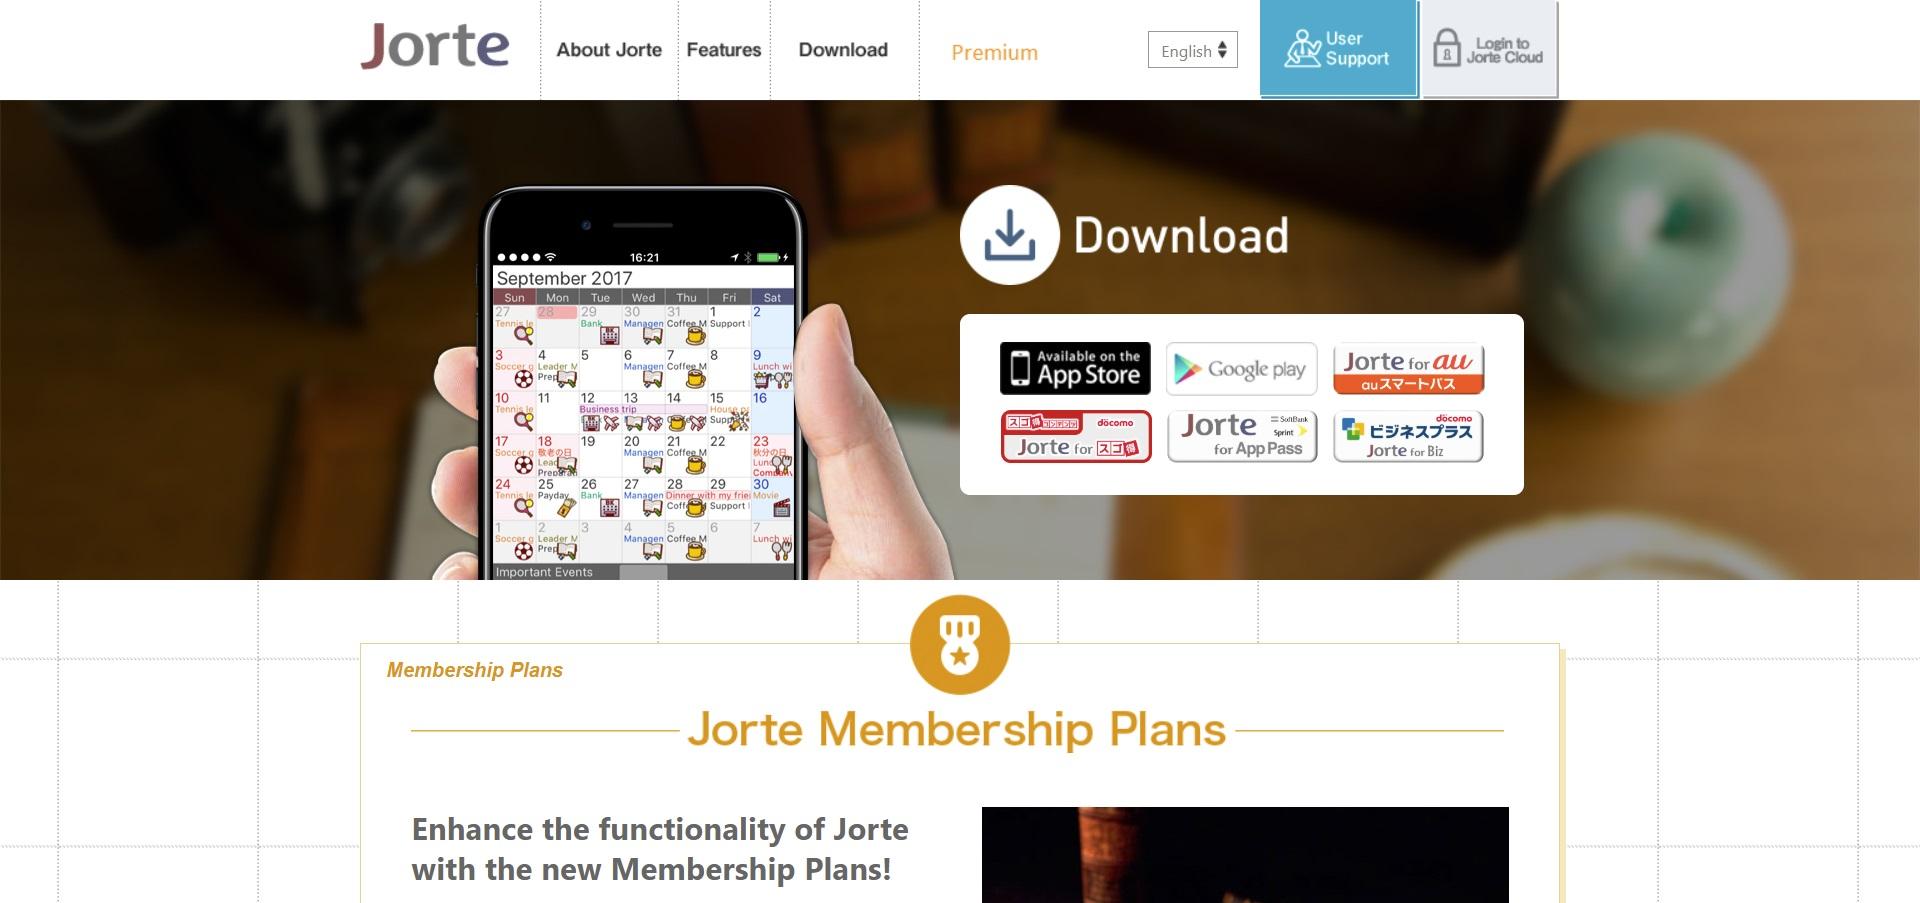 jorte calendar app